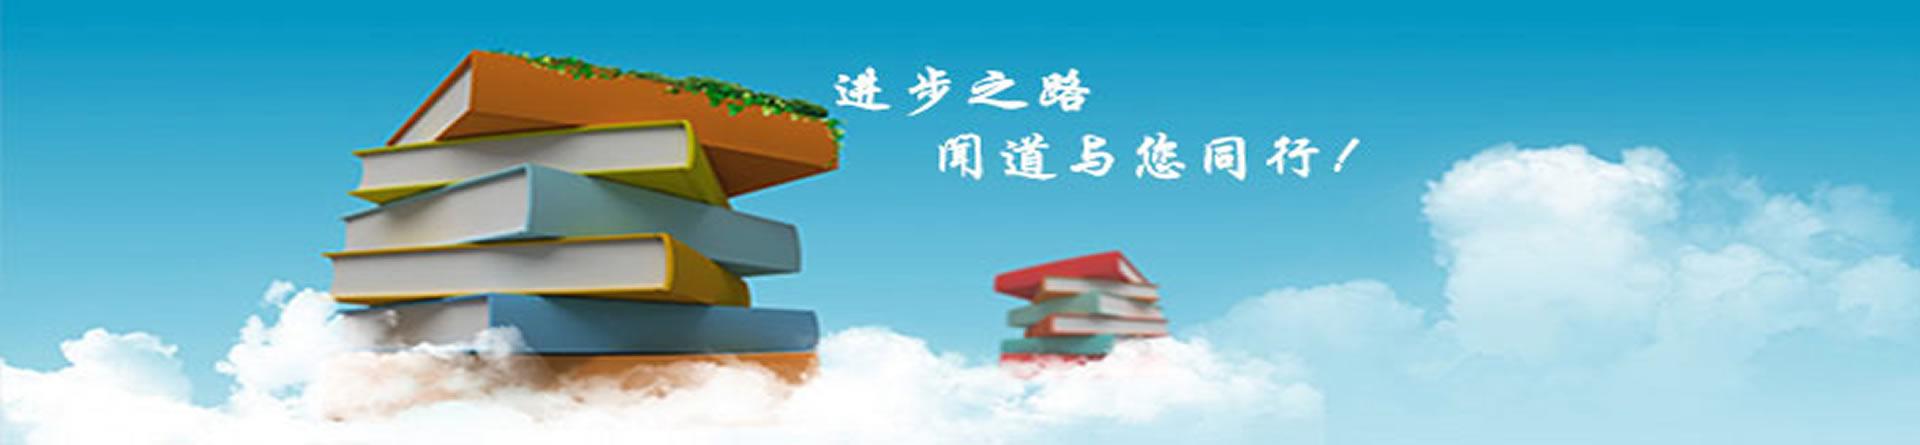 郑州恒欣教育